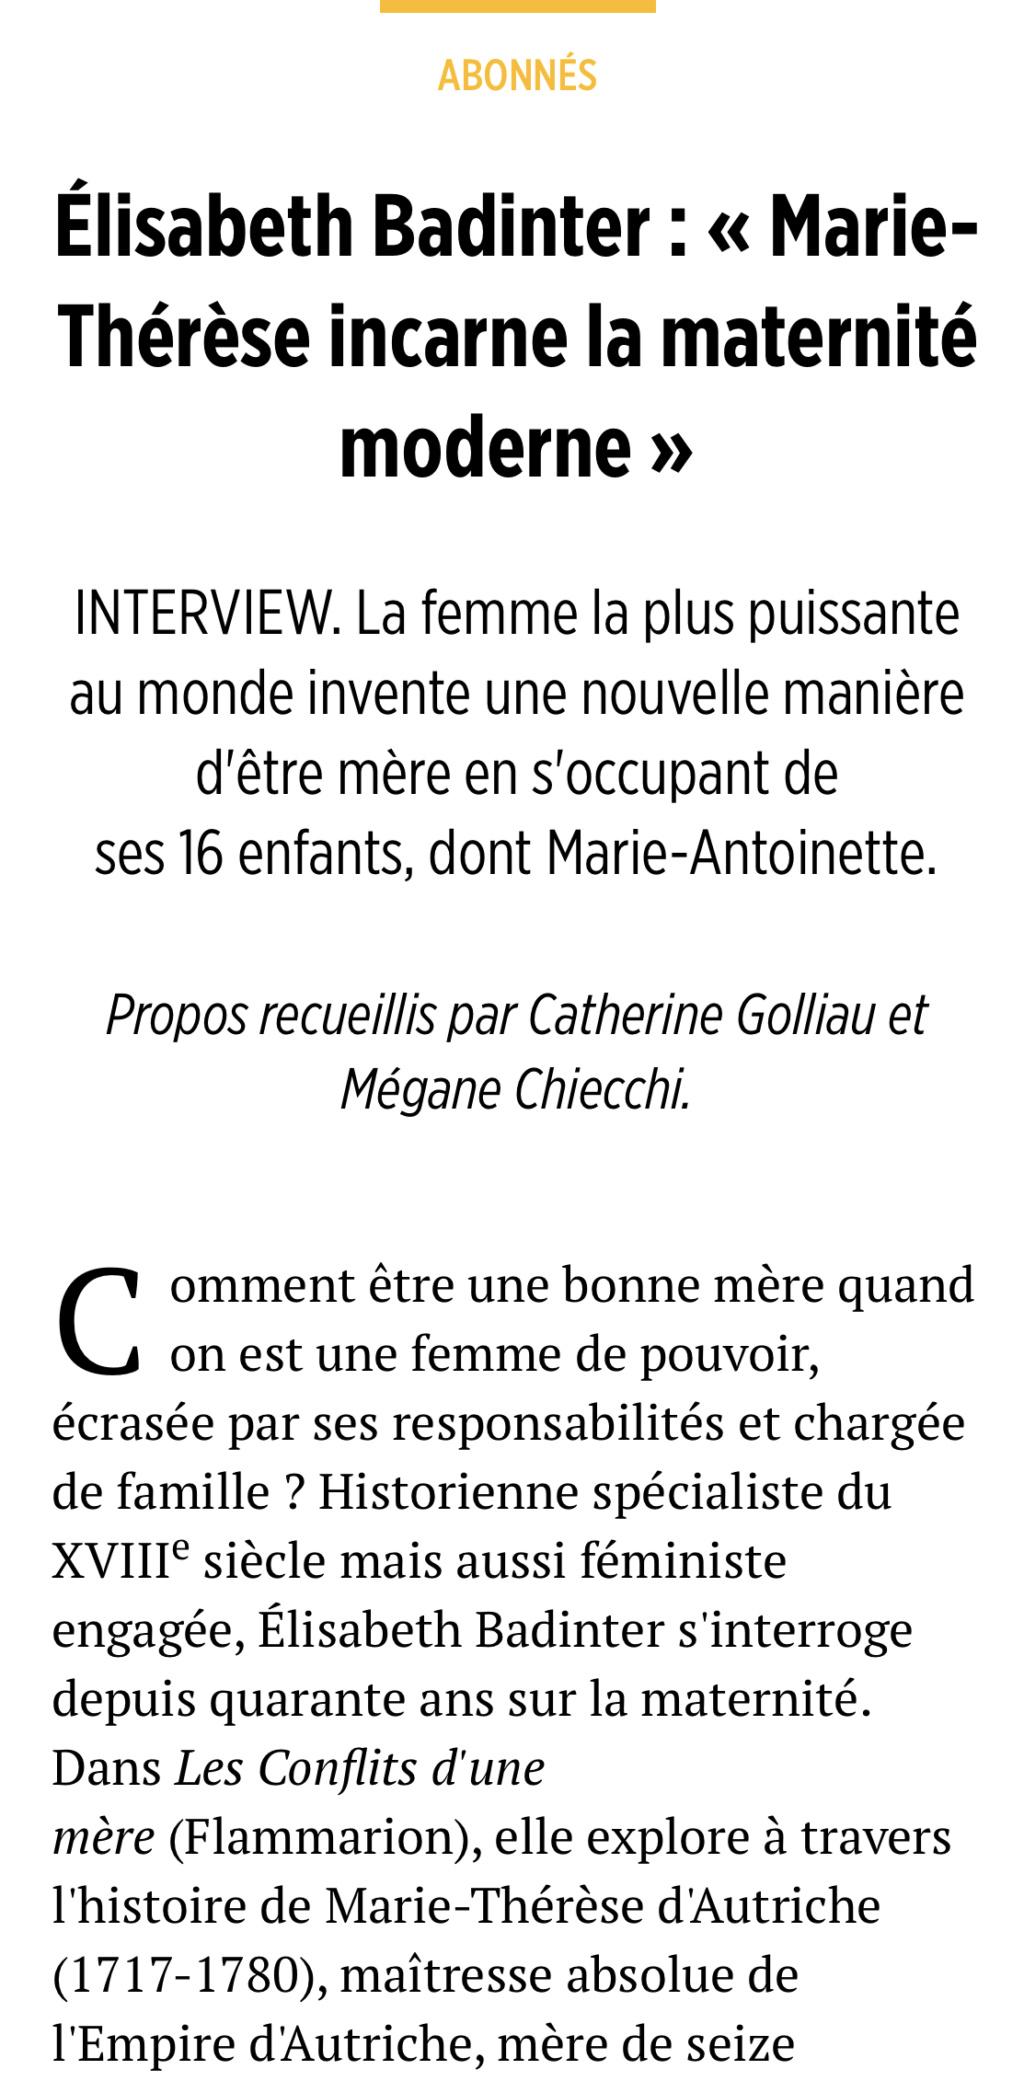 Marie-Thérèse d'Autriche : Le pouvoir au féminin & Les conflits d'une mère. De Elisabeth Badinter - Page 2 3dd34110